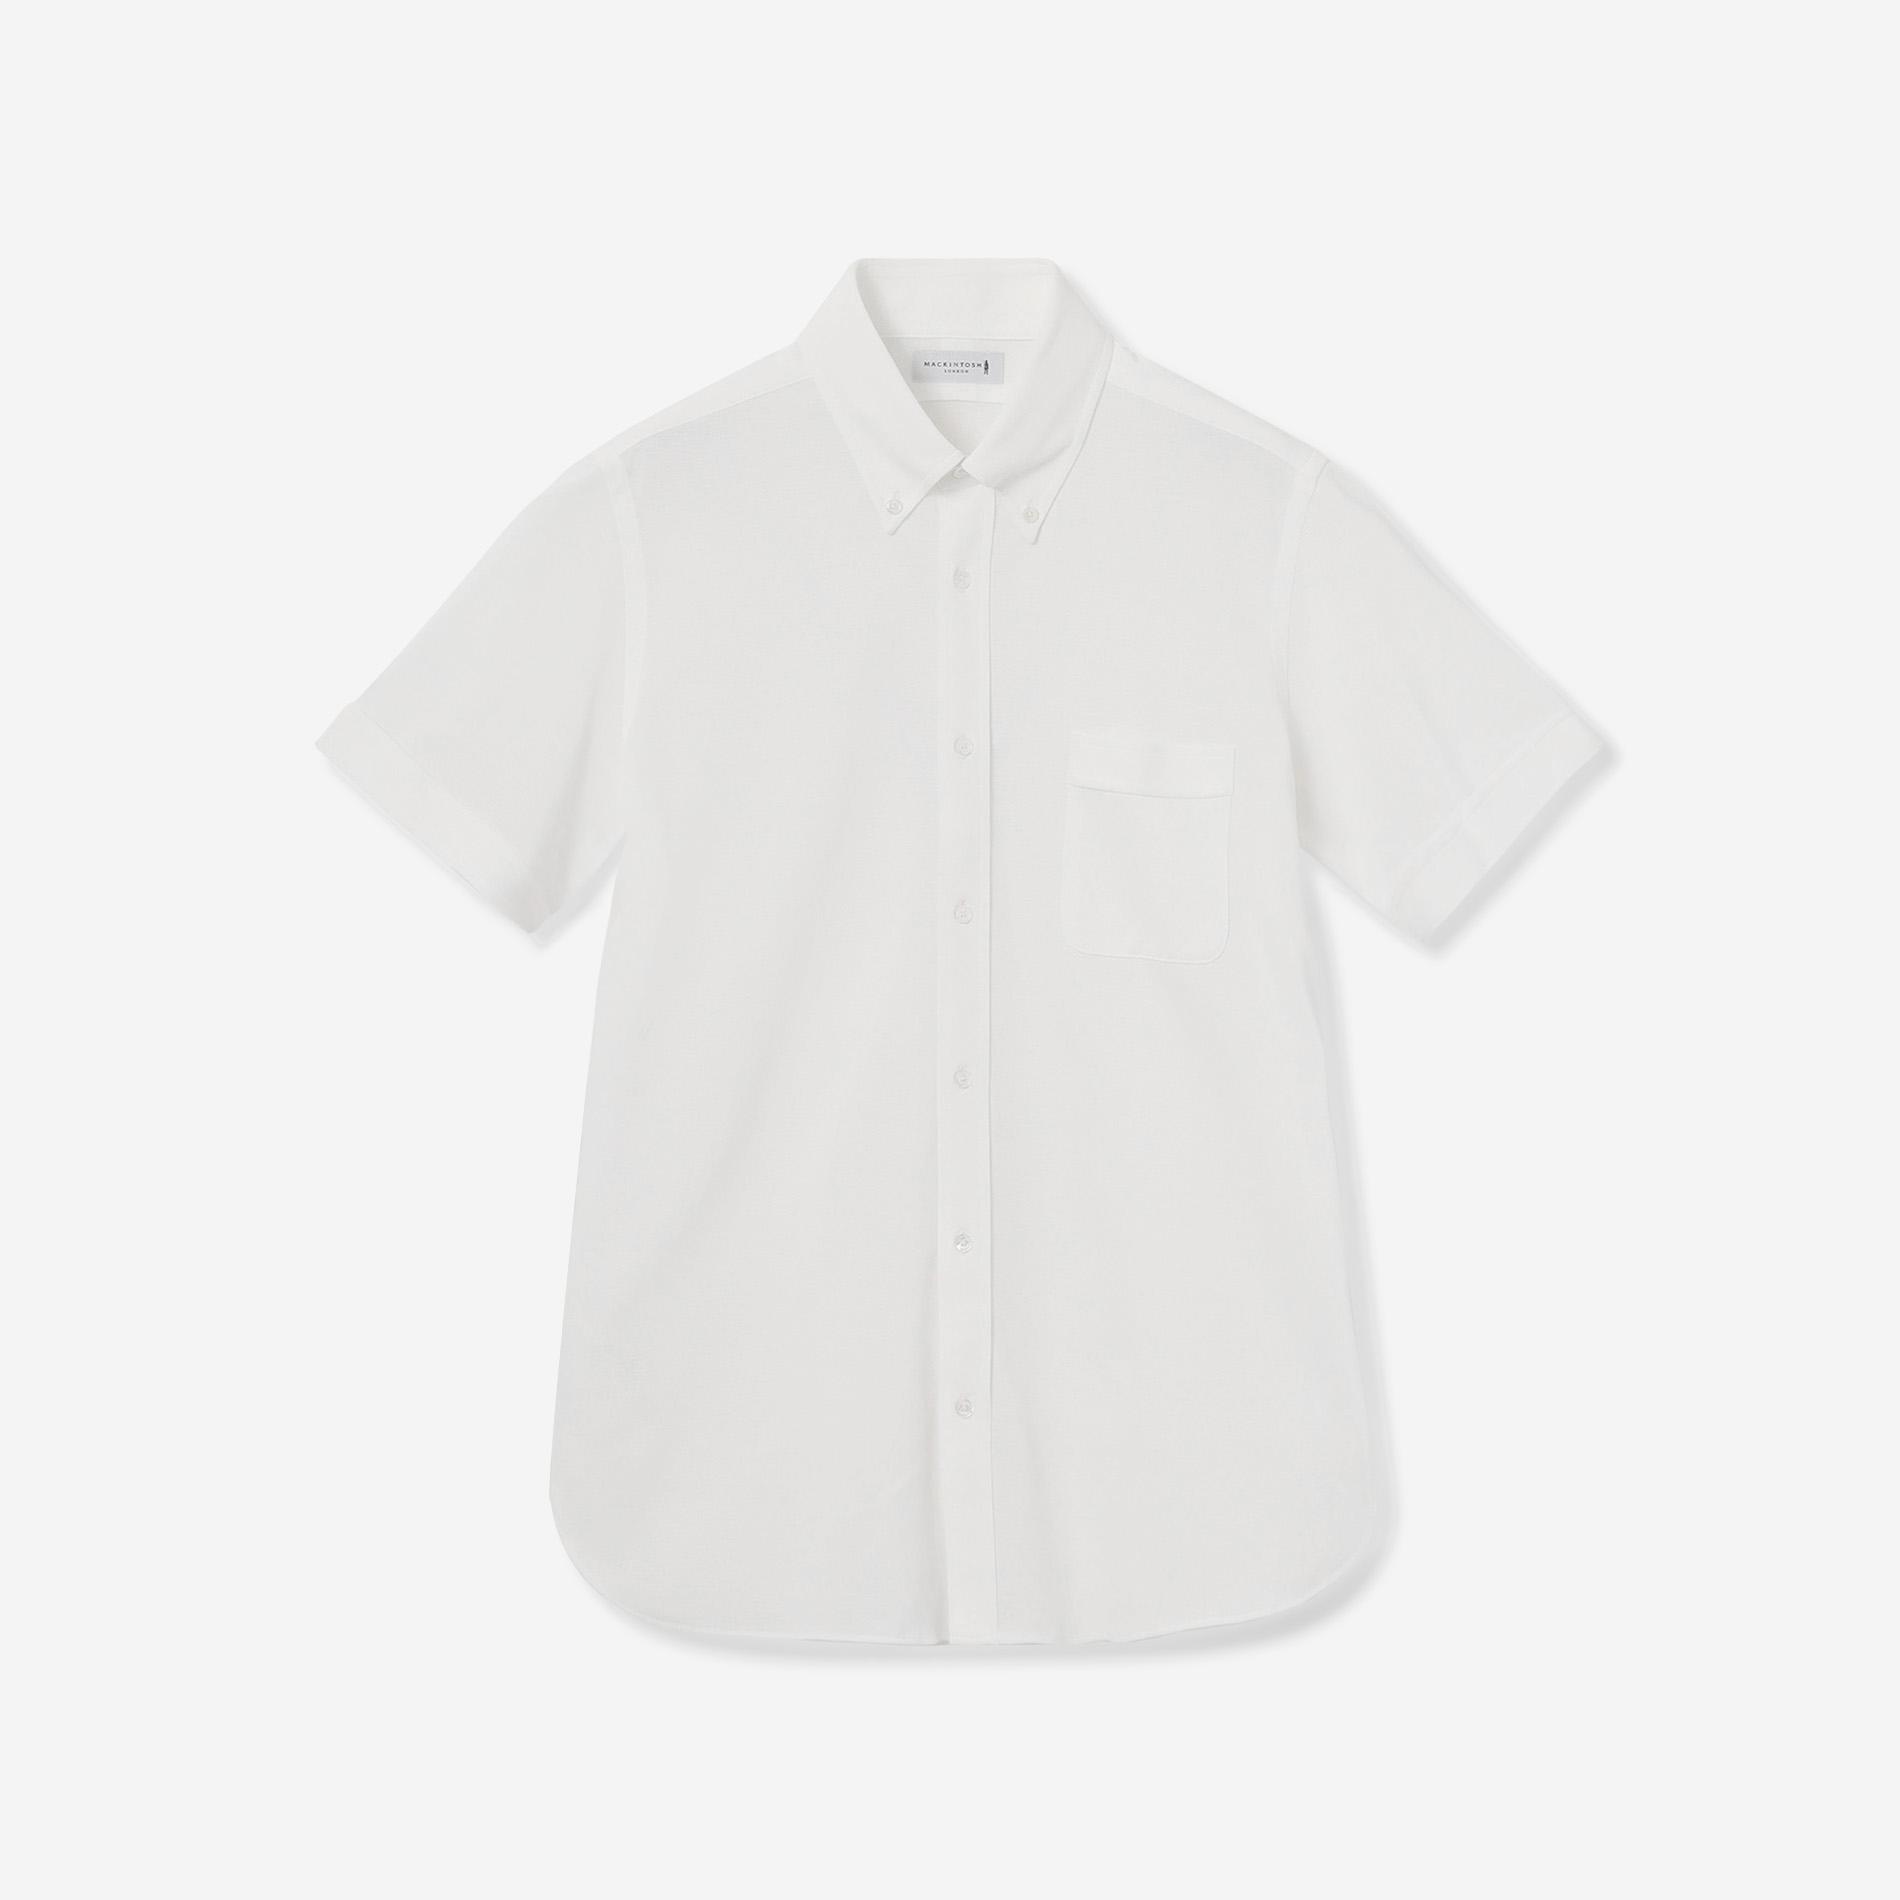 【FLEX JERSEY】ドライ鹿の子半袖ジャージドレスシャツ